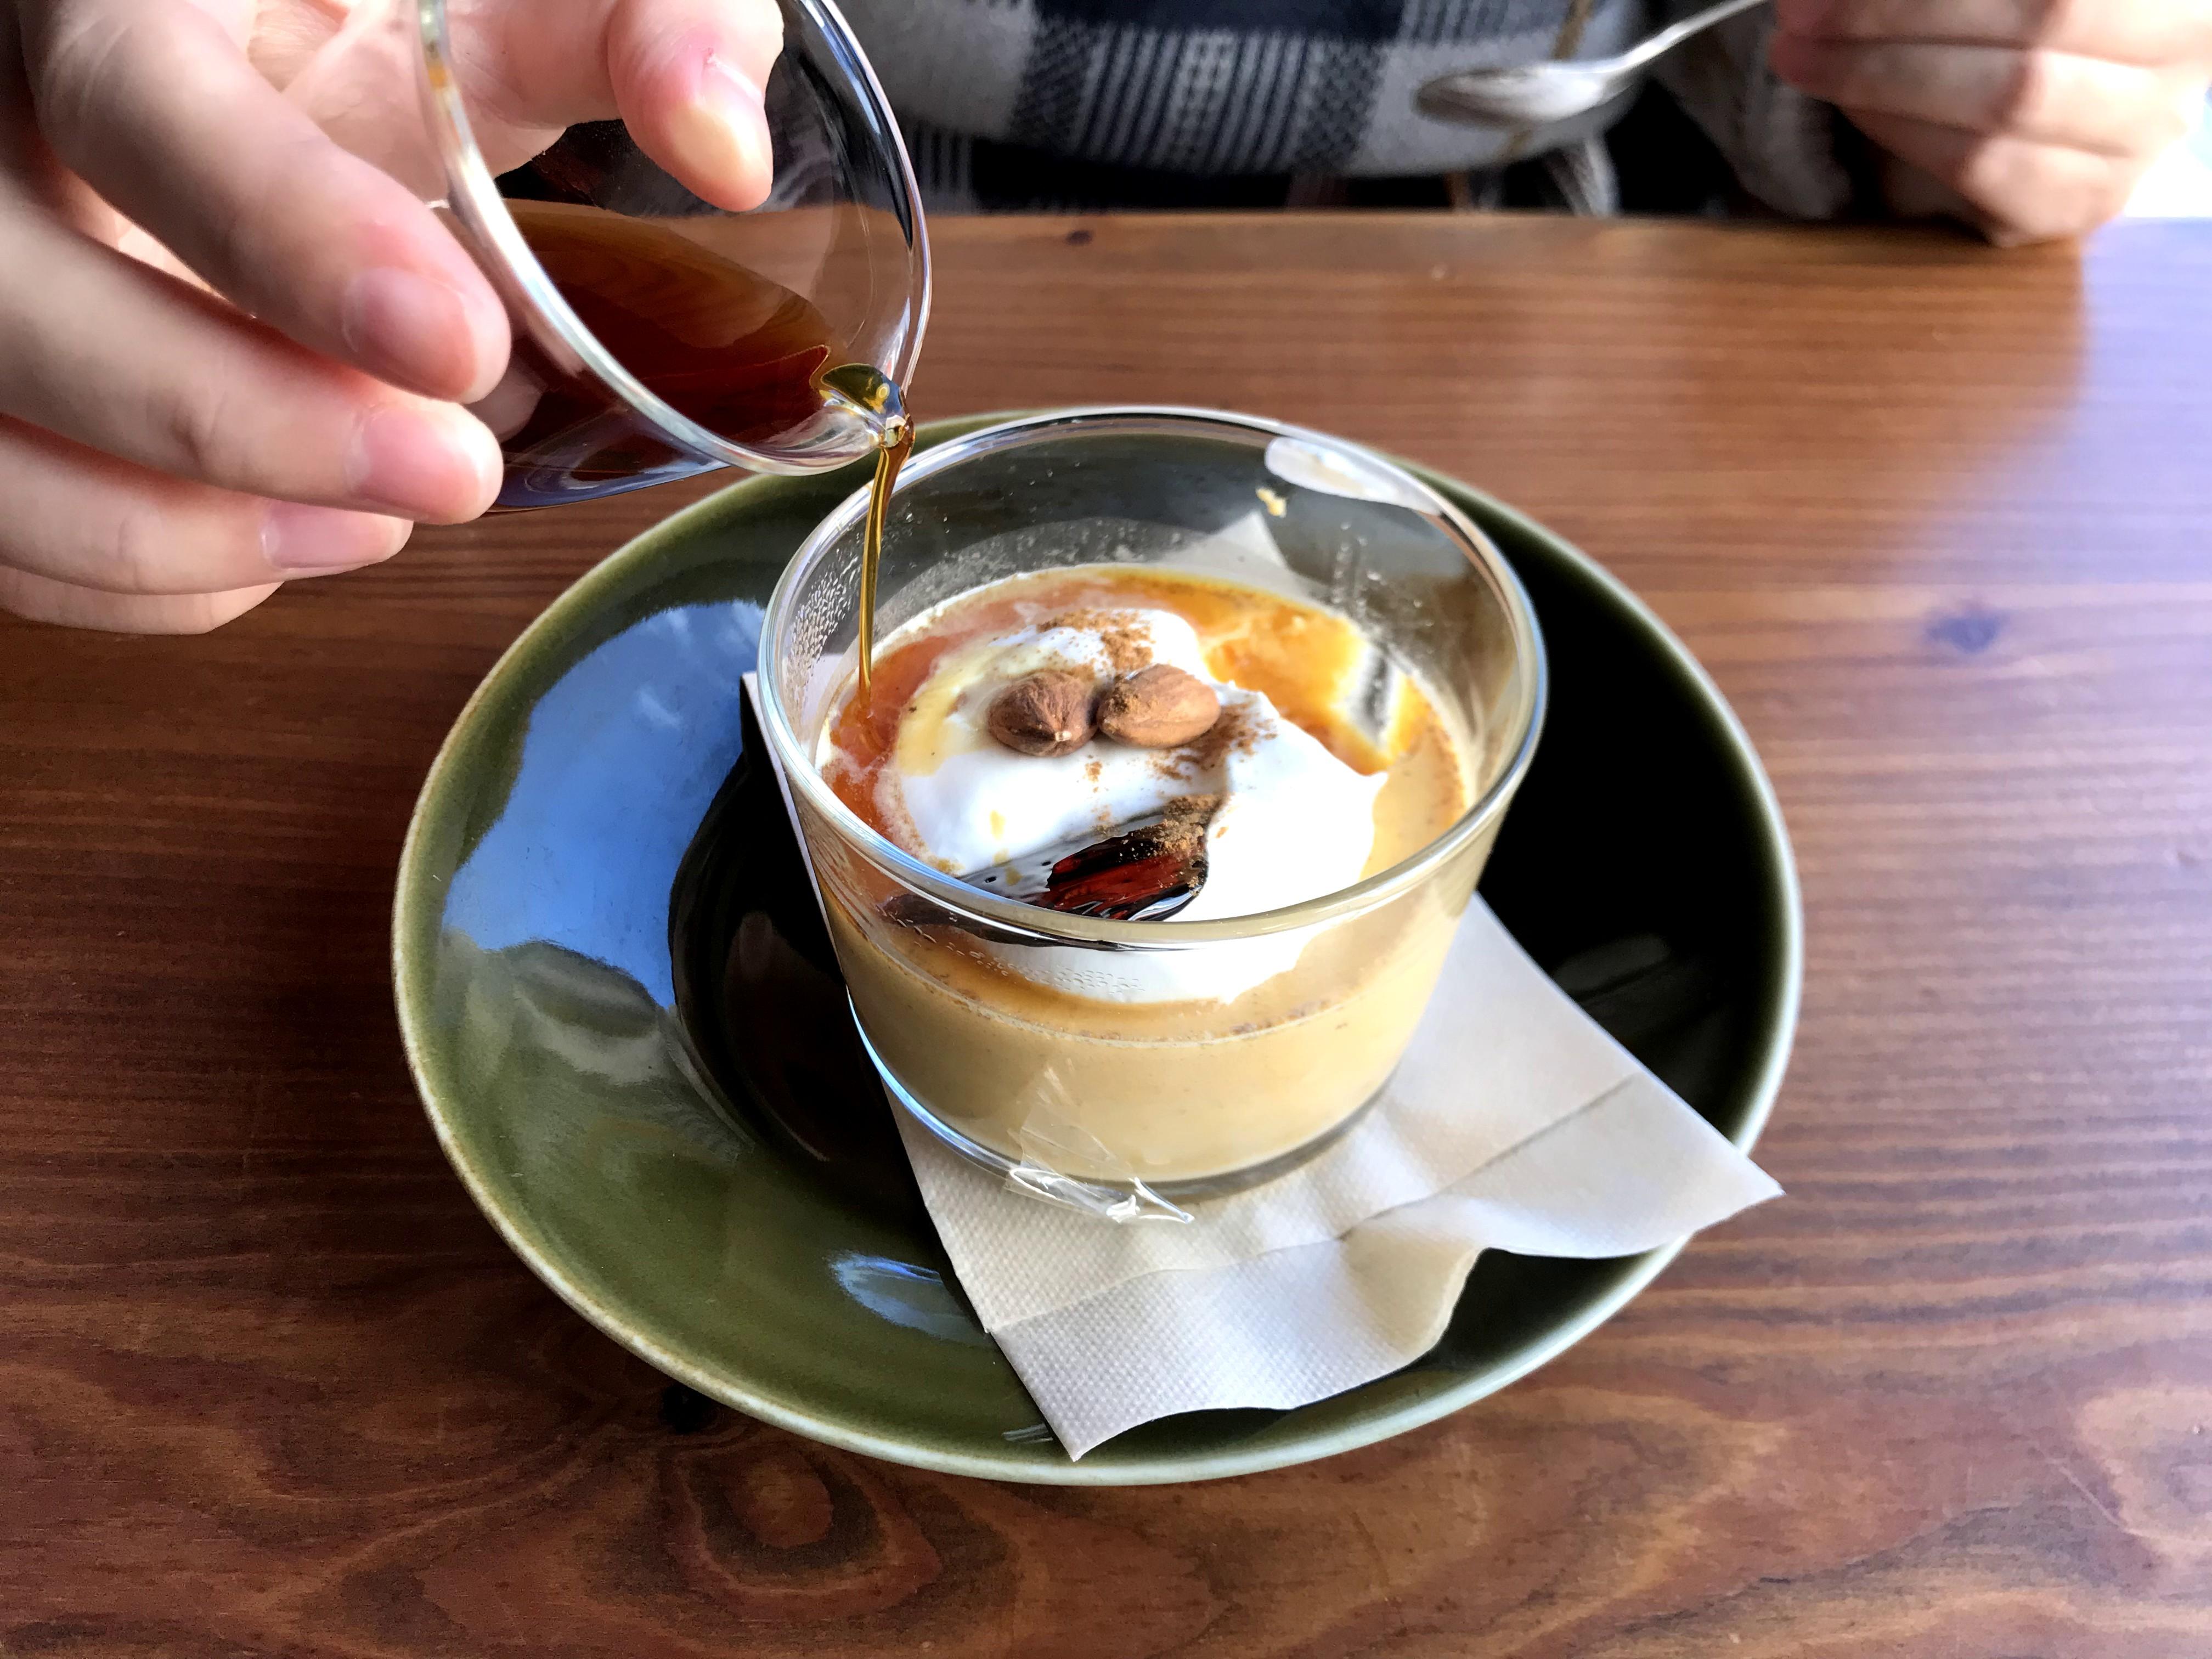 地元の美味しいがたくさん!郡上八幡のおしゃれカフェ『糸CAFE(イトカフェ)』 - IMG 3258